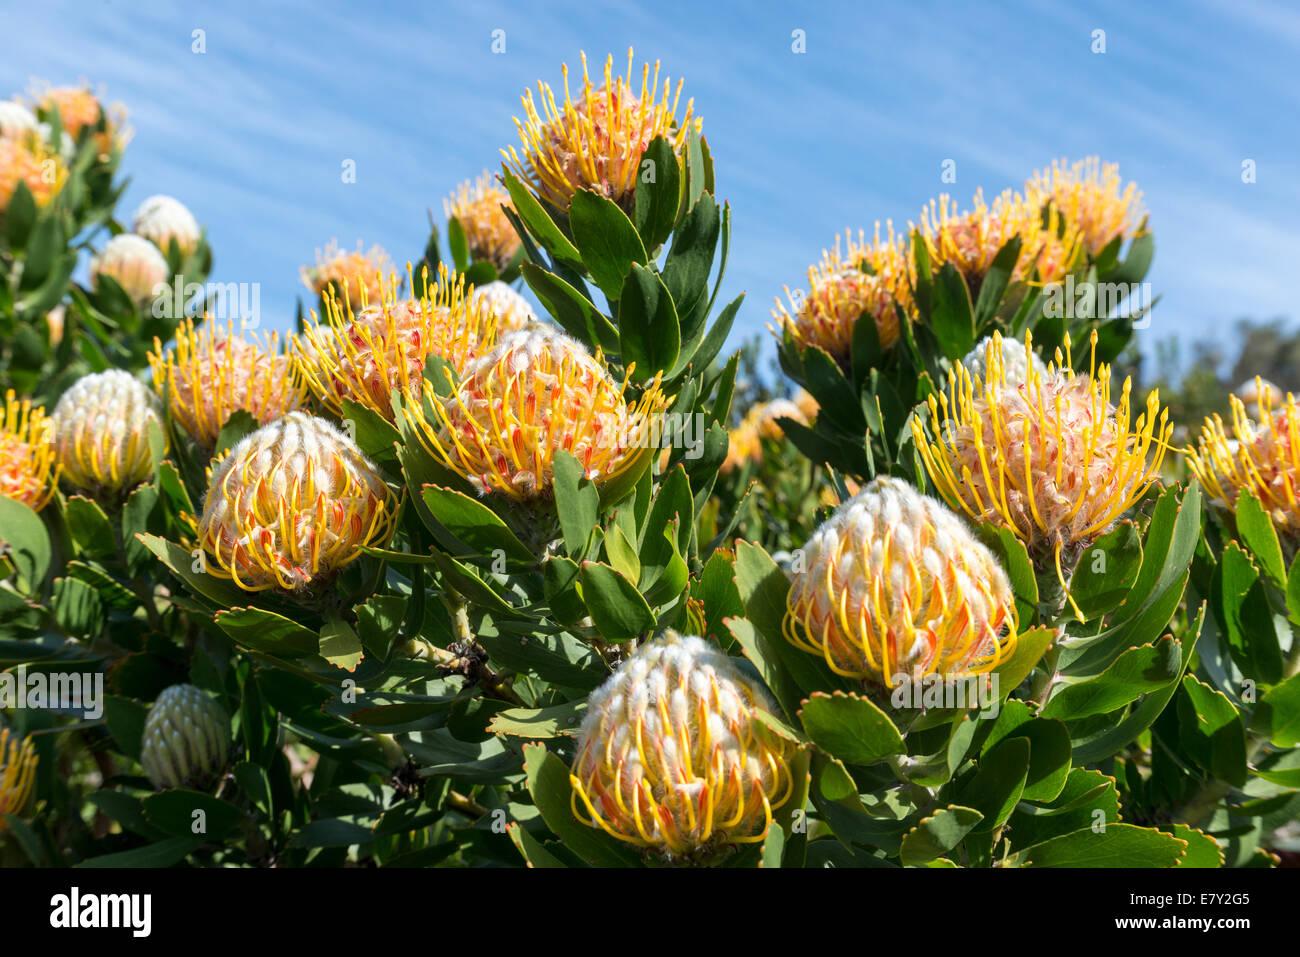 Protea inflorescence (Leucospermum conocarpodendron x glabrum), cloeseup, Kirstenbosch Botanical garden, Cape Town, - Stock Image